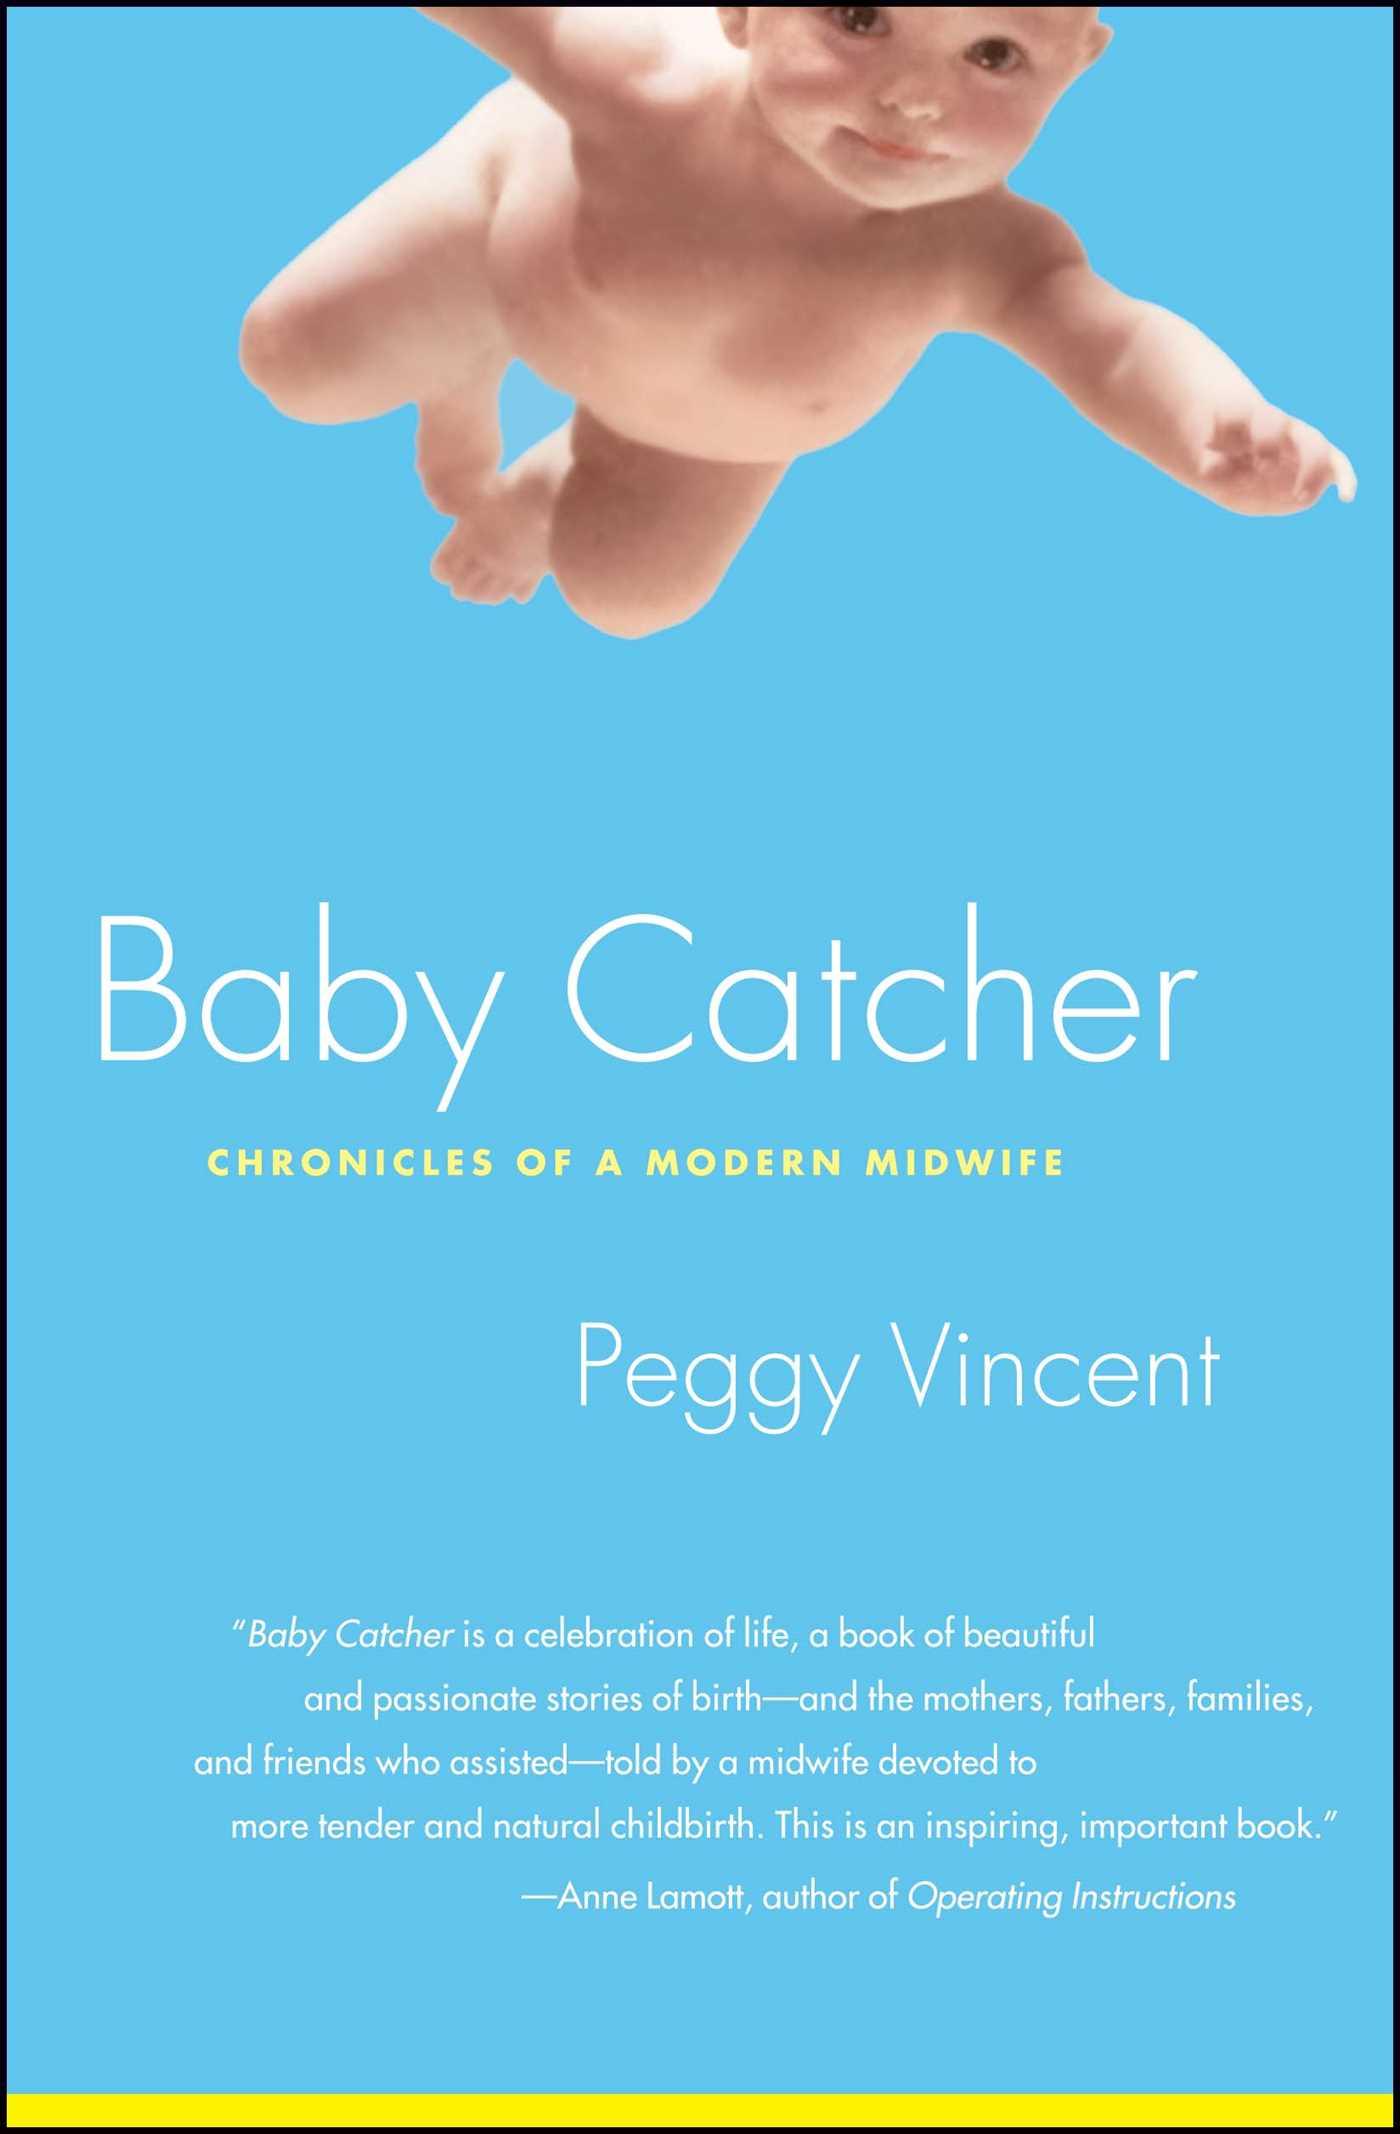 Baby catcher 9780743219341 hr